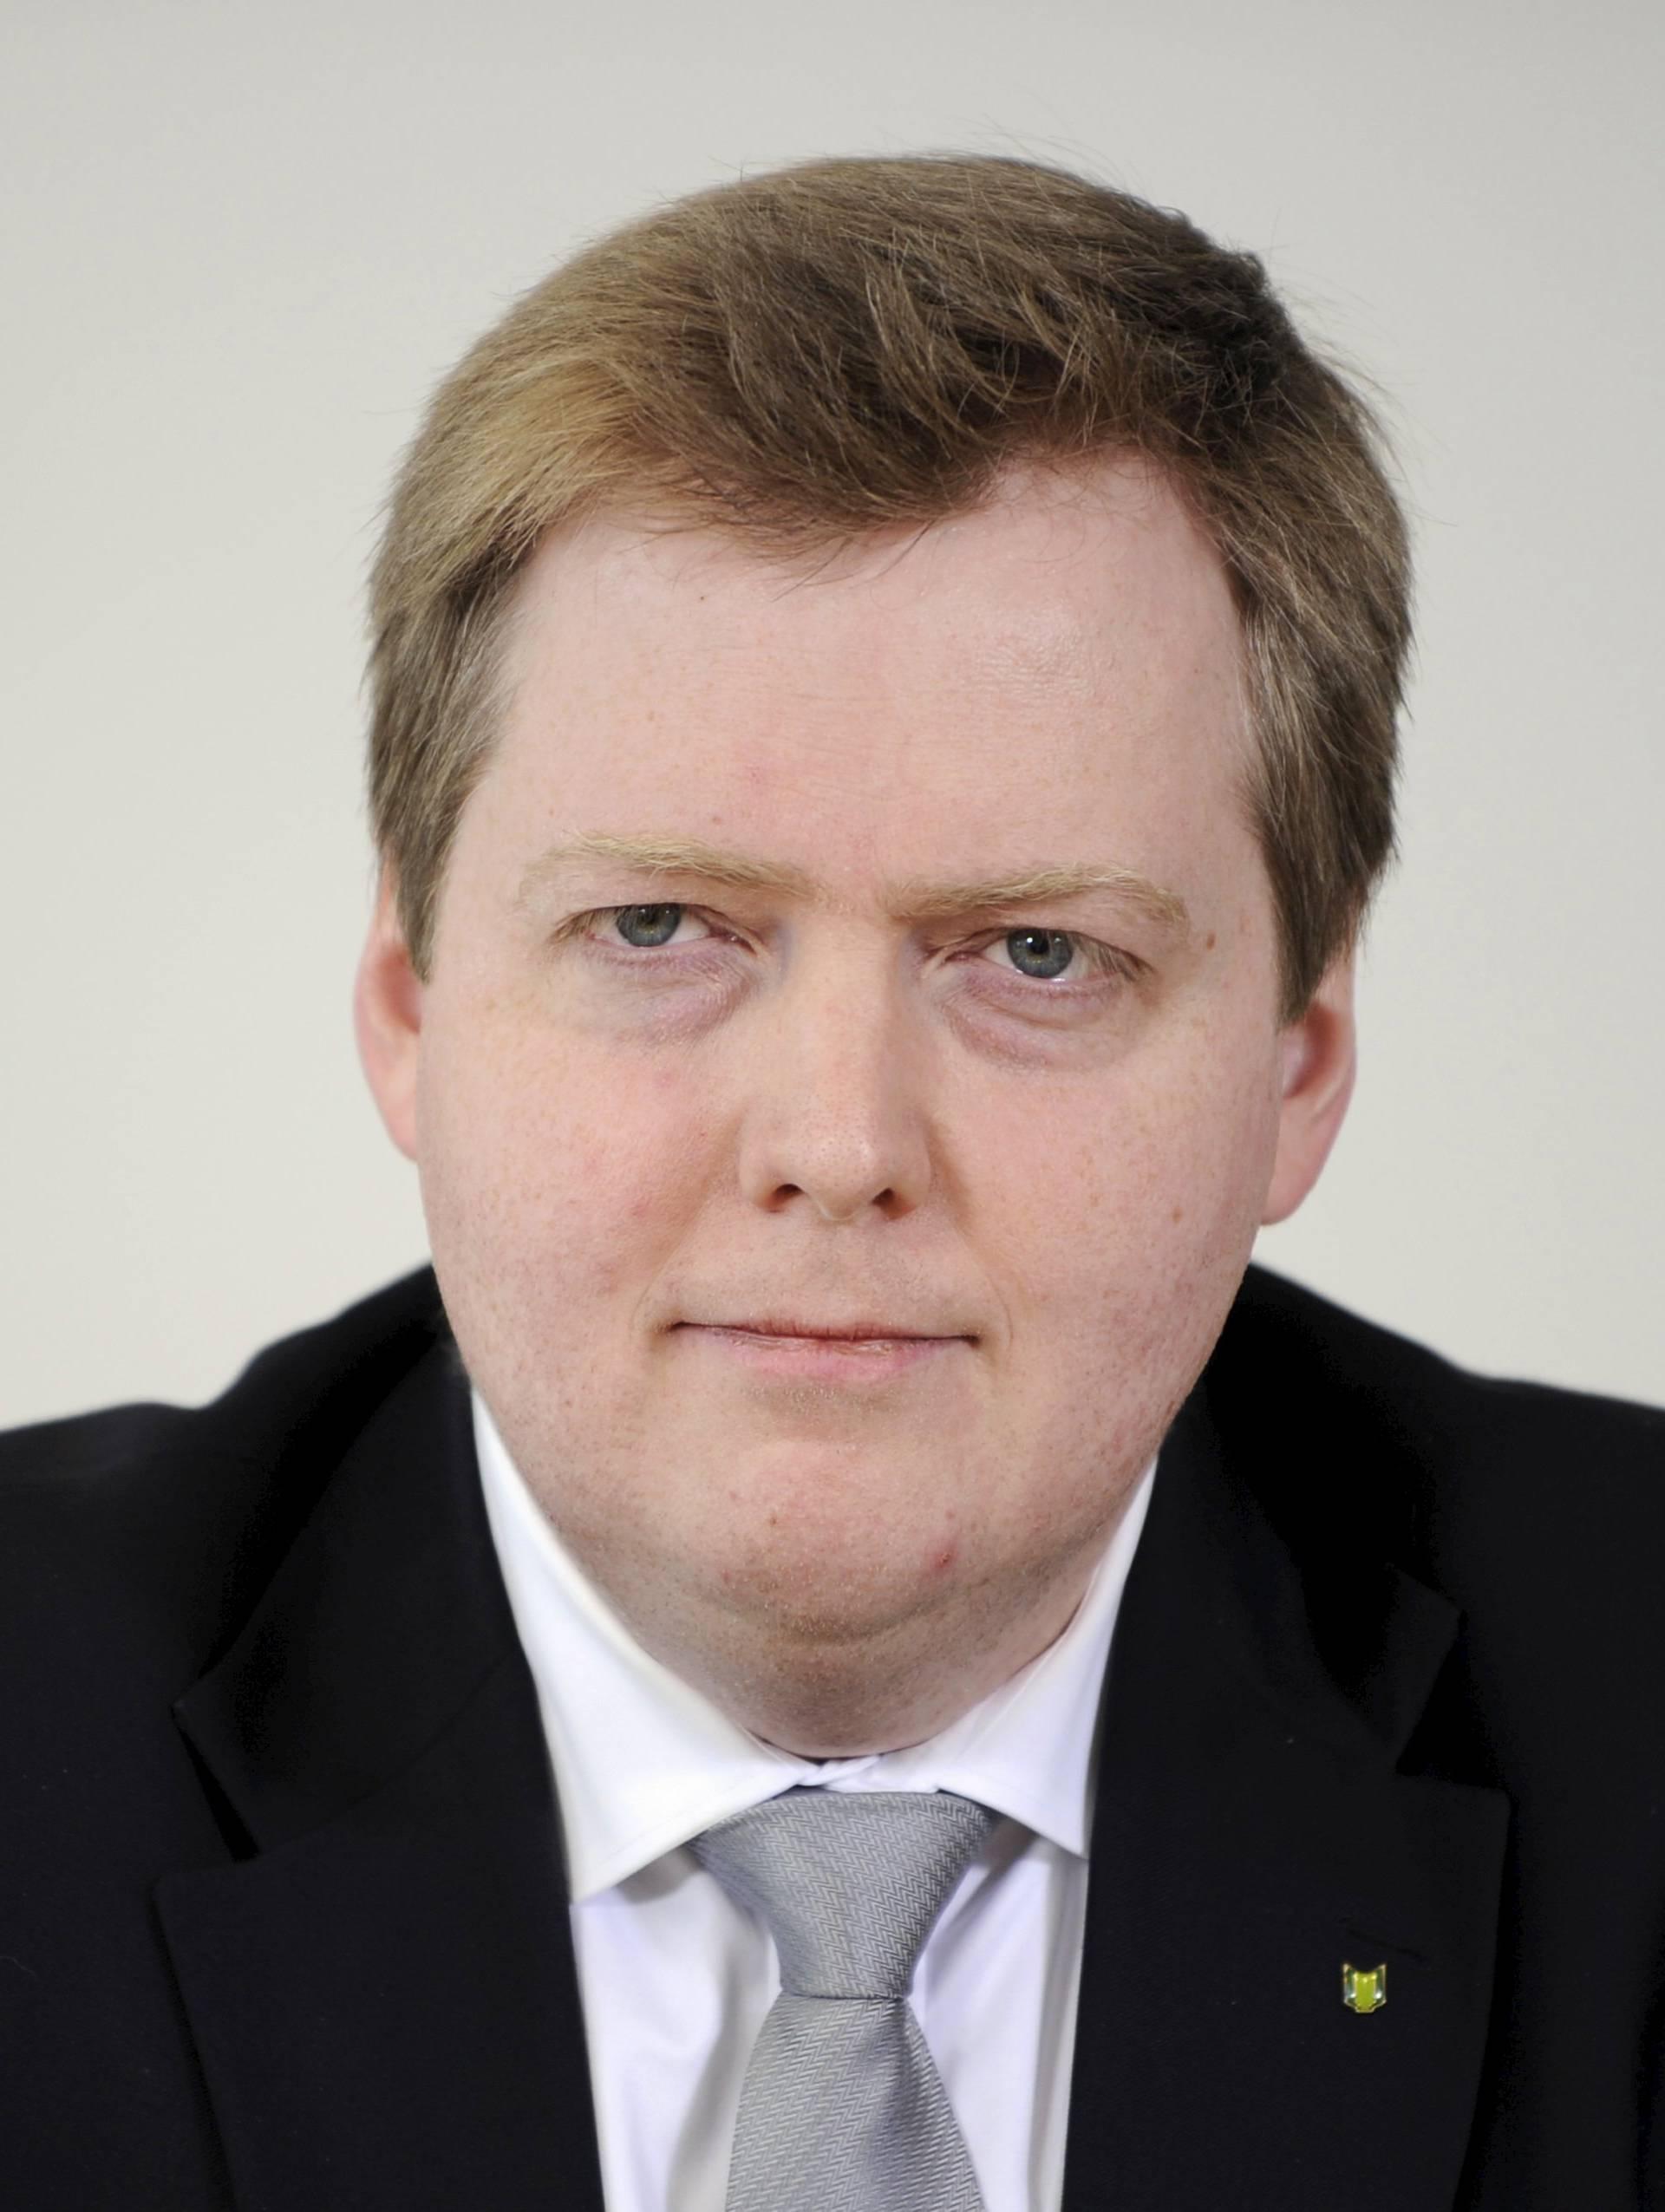 'Panama papers': Zbog afere islandski premijer dao ostavku